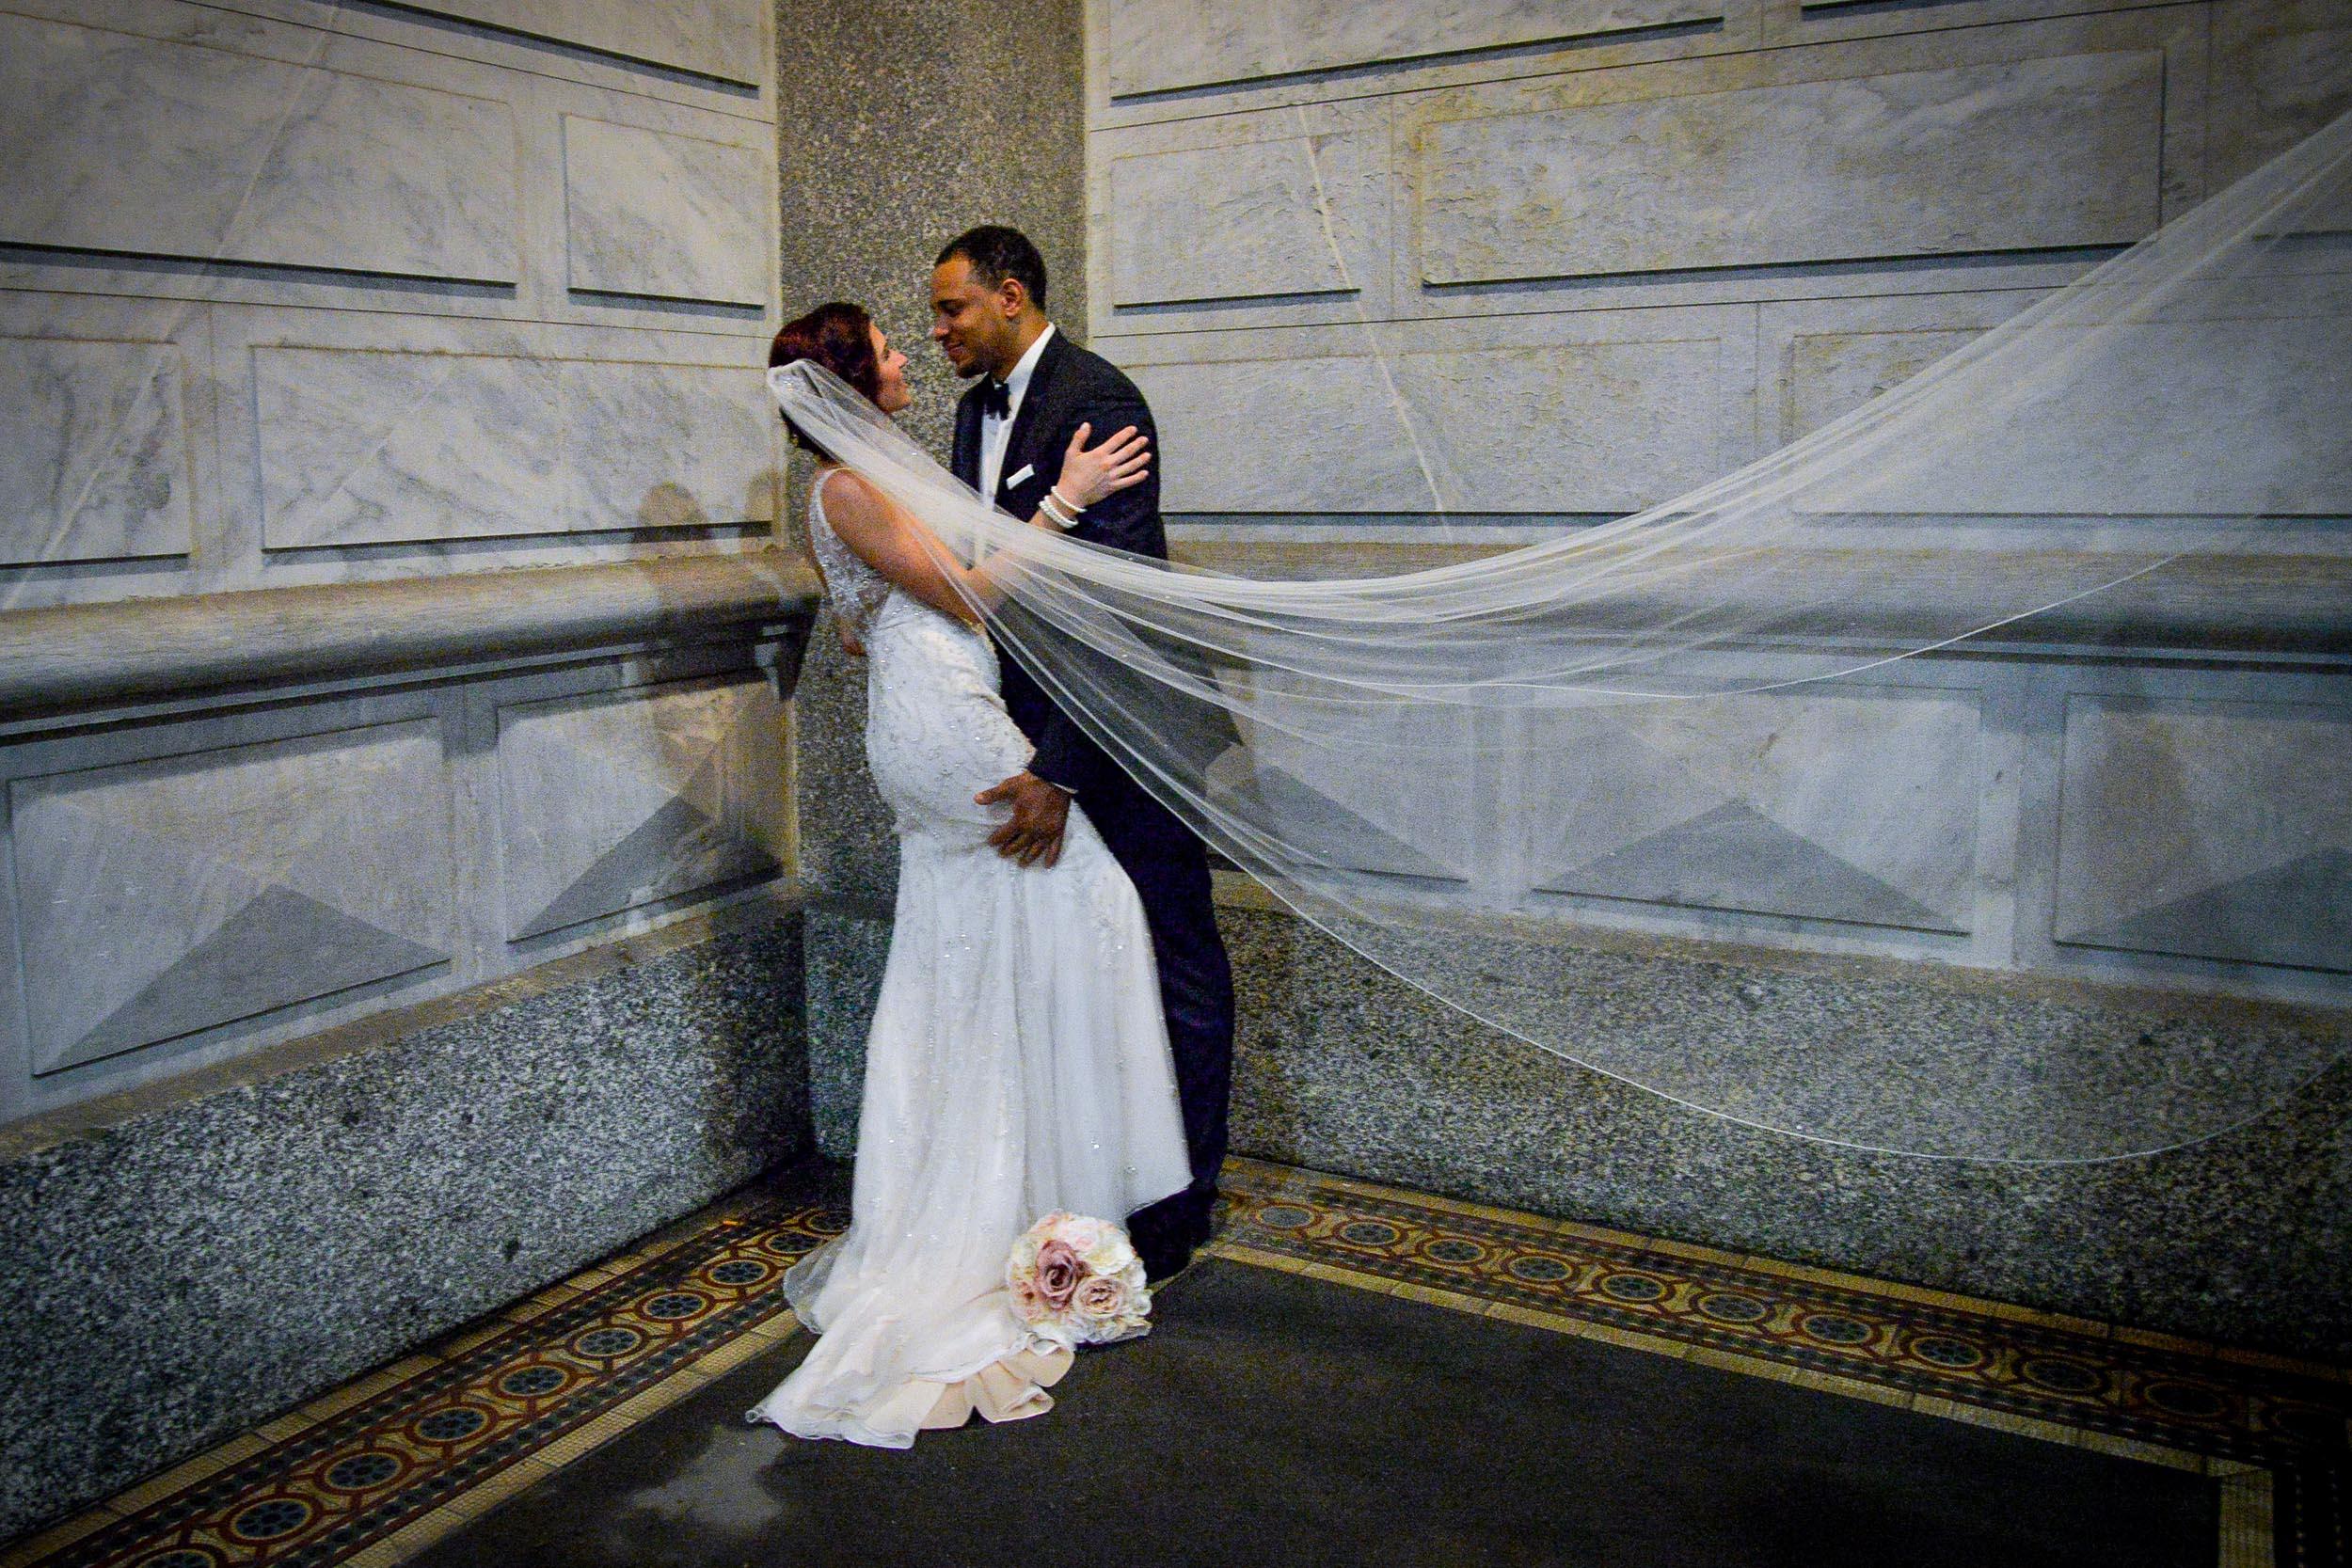 Philadelphia City Hall bride and groom